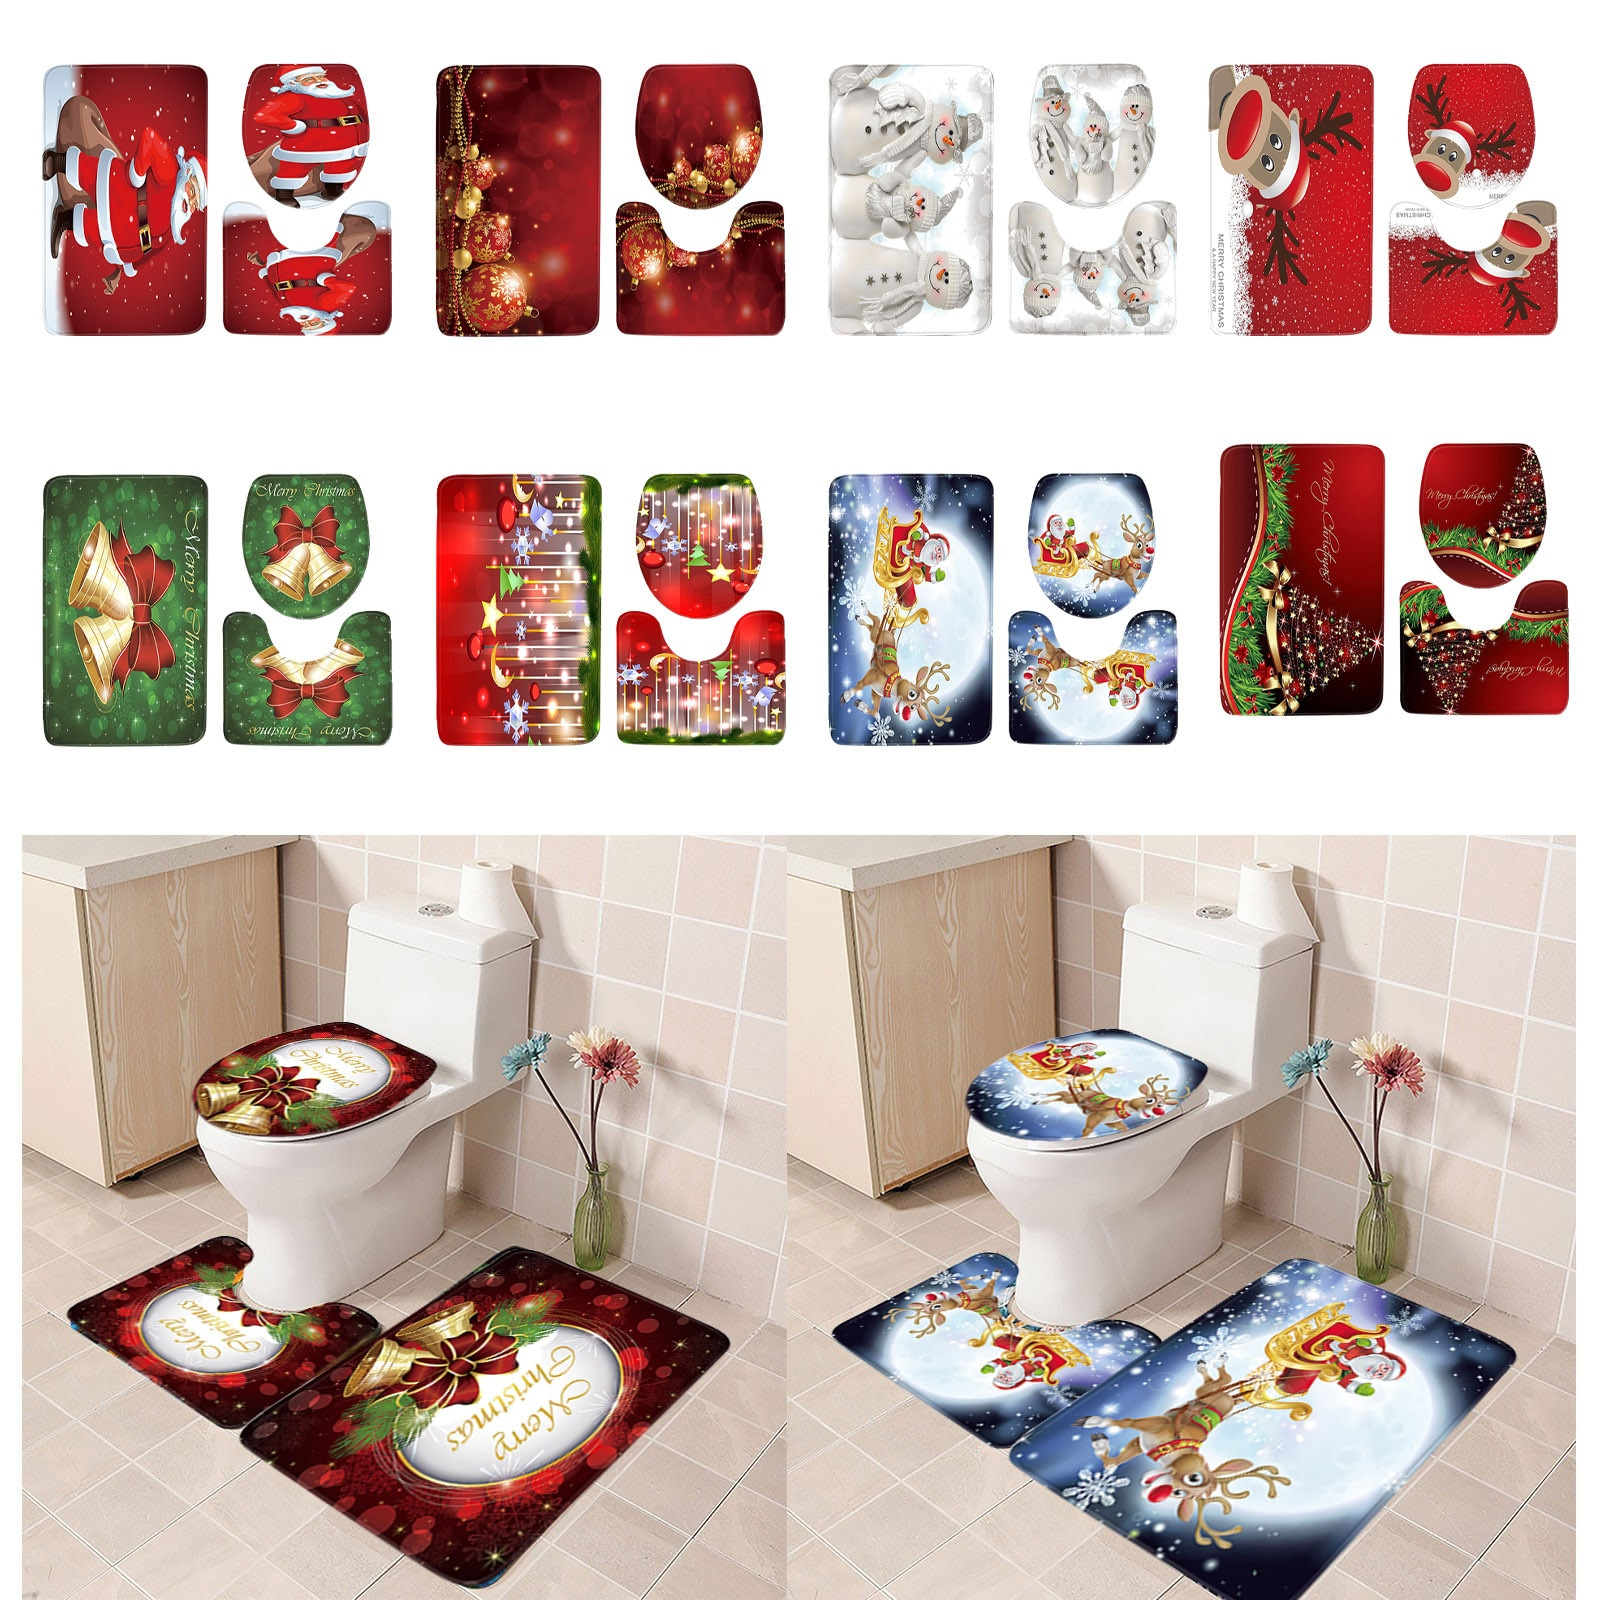 3pcs Christmas Day Non-Slip Bath Mat Bathroom Kitchen Carpet Doormats Decor коврик входной двери коврик для ванной alfombra